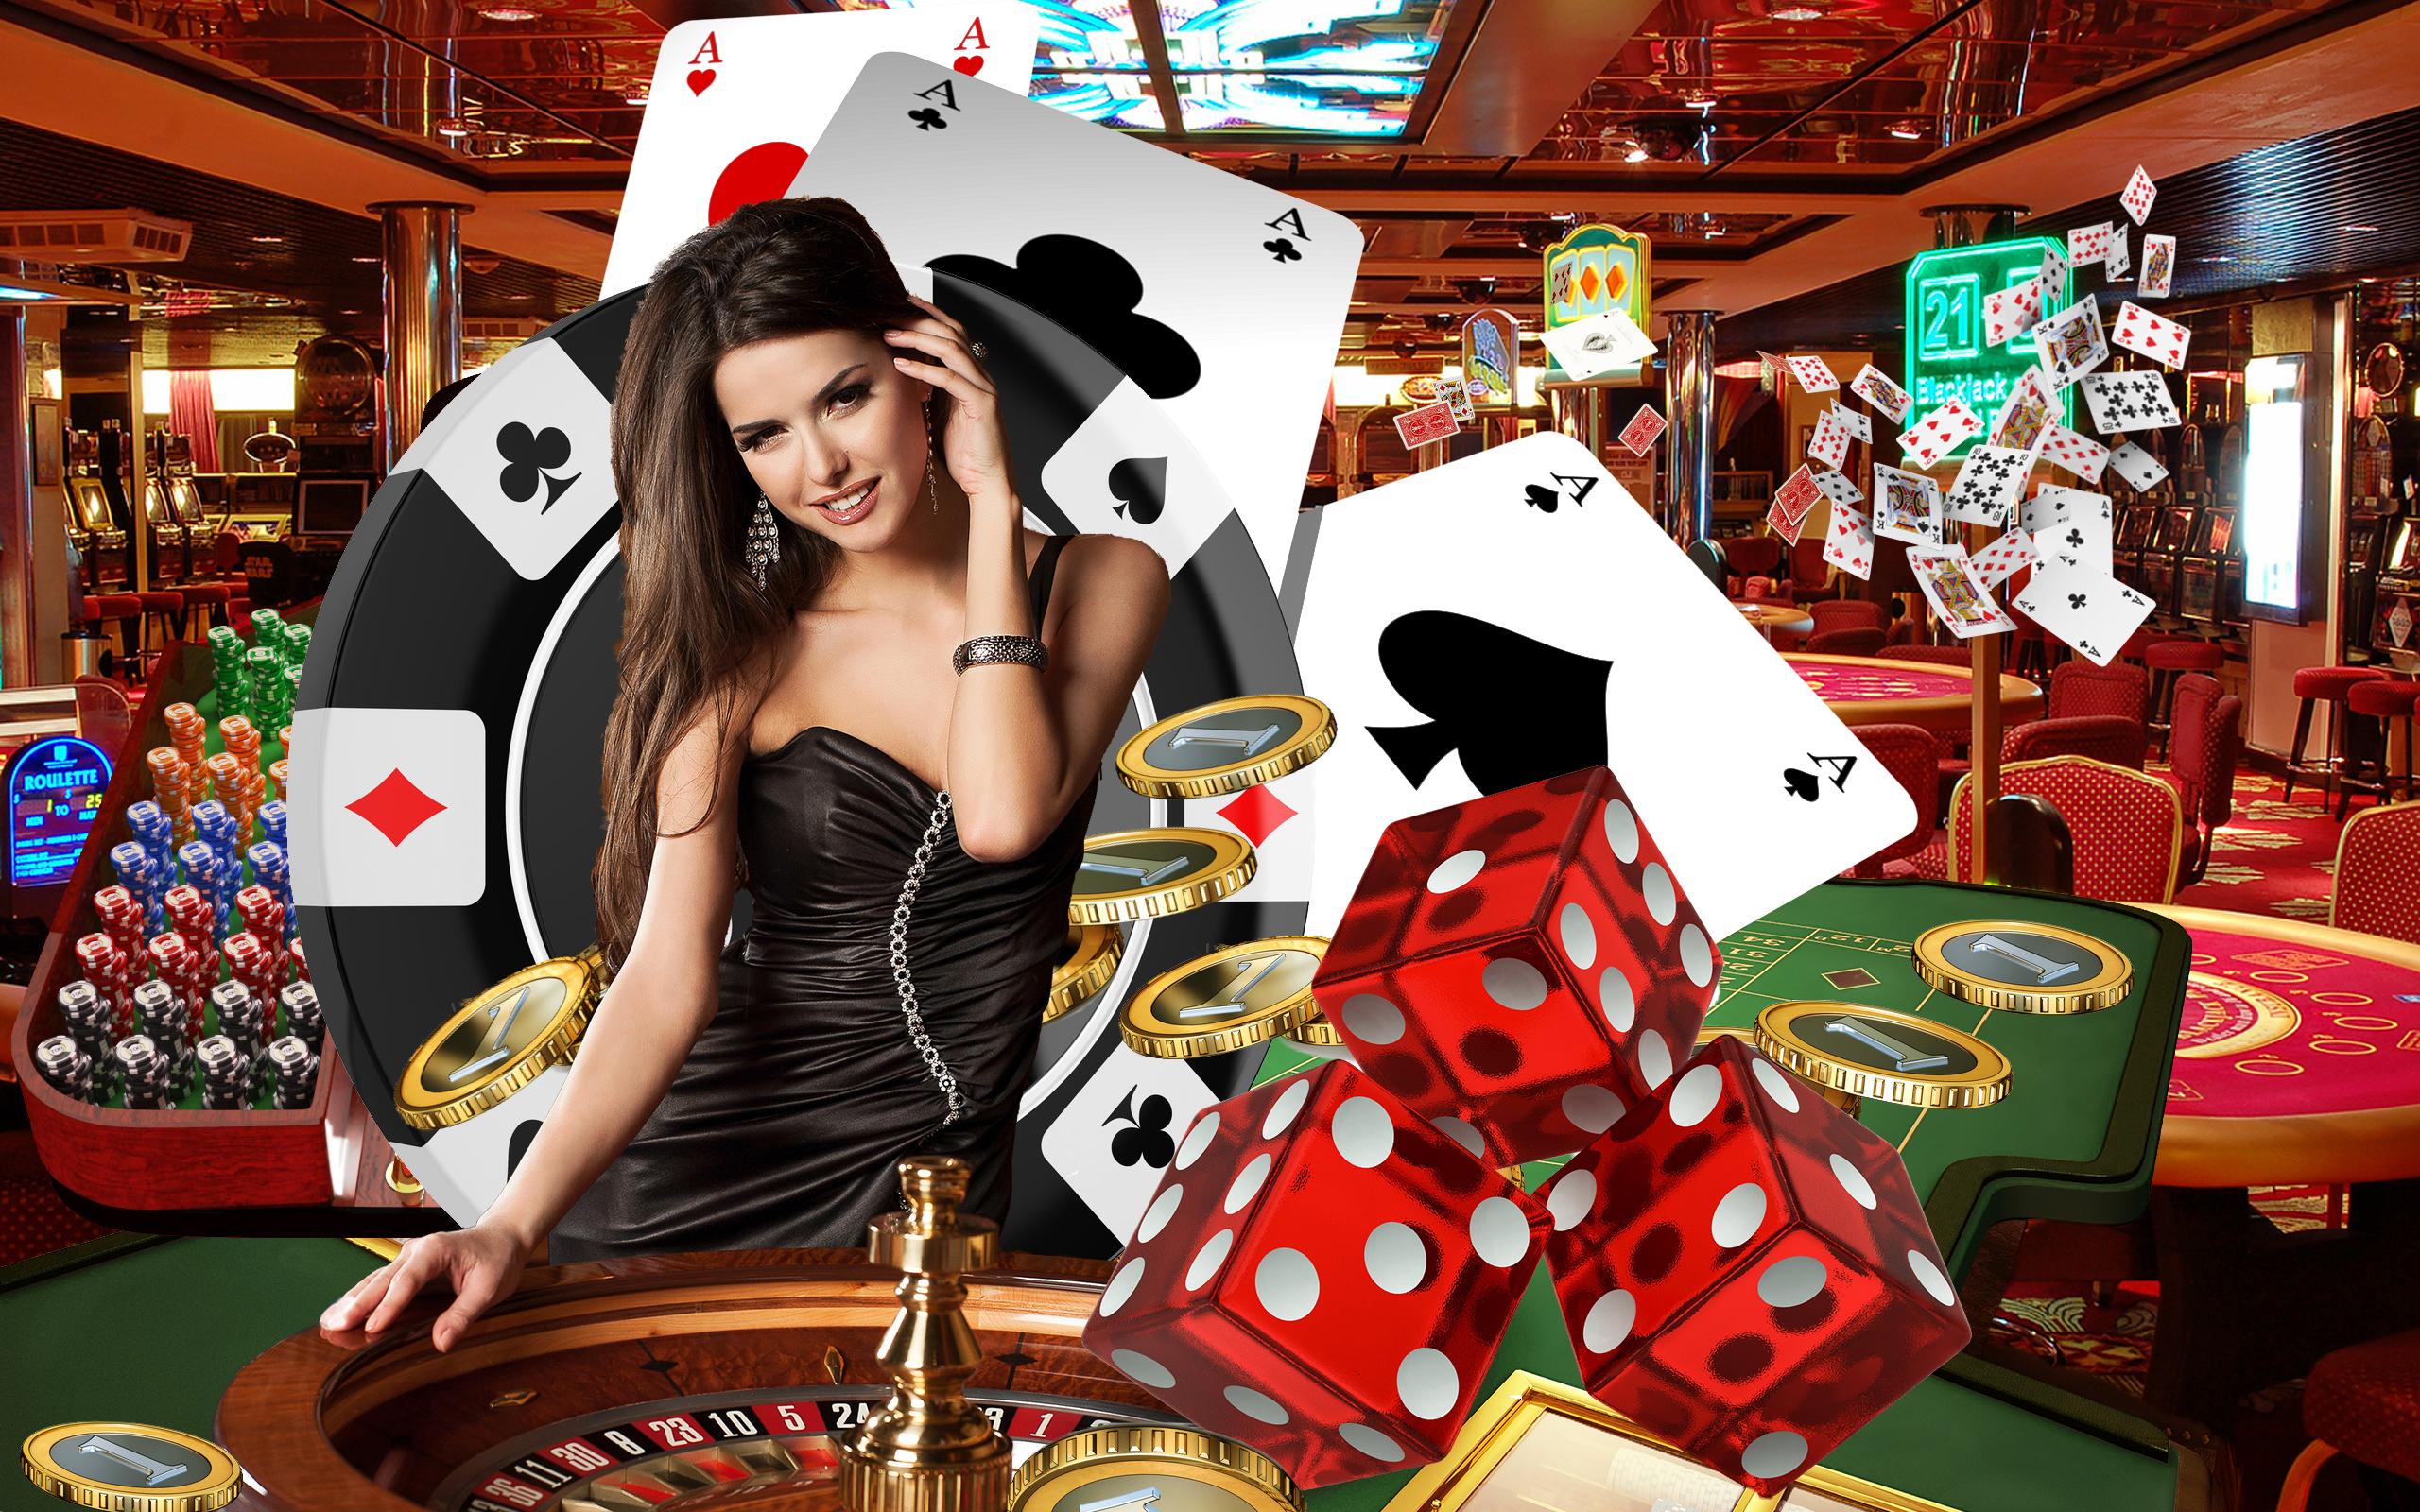 Connu Le guide d'informations pour les joueurs de casino EF32